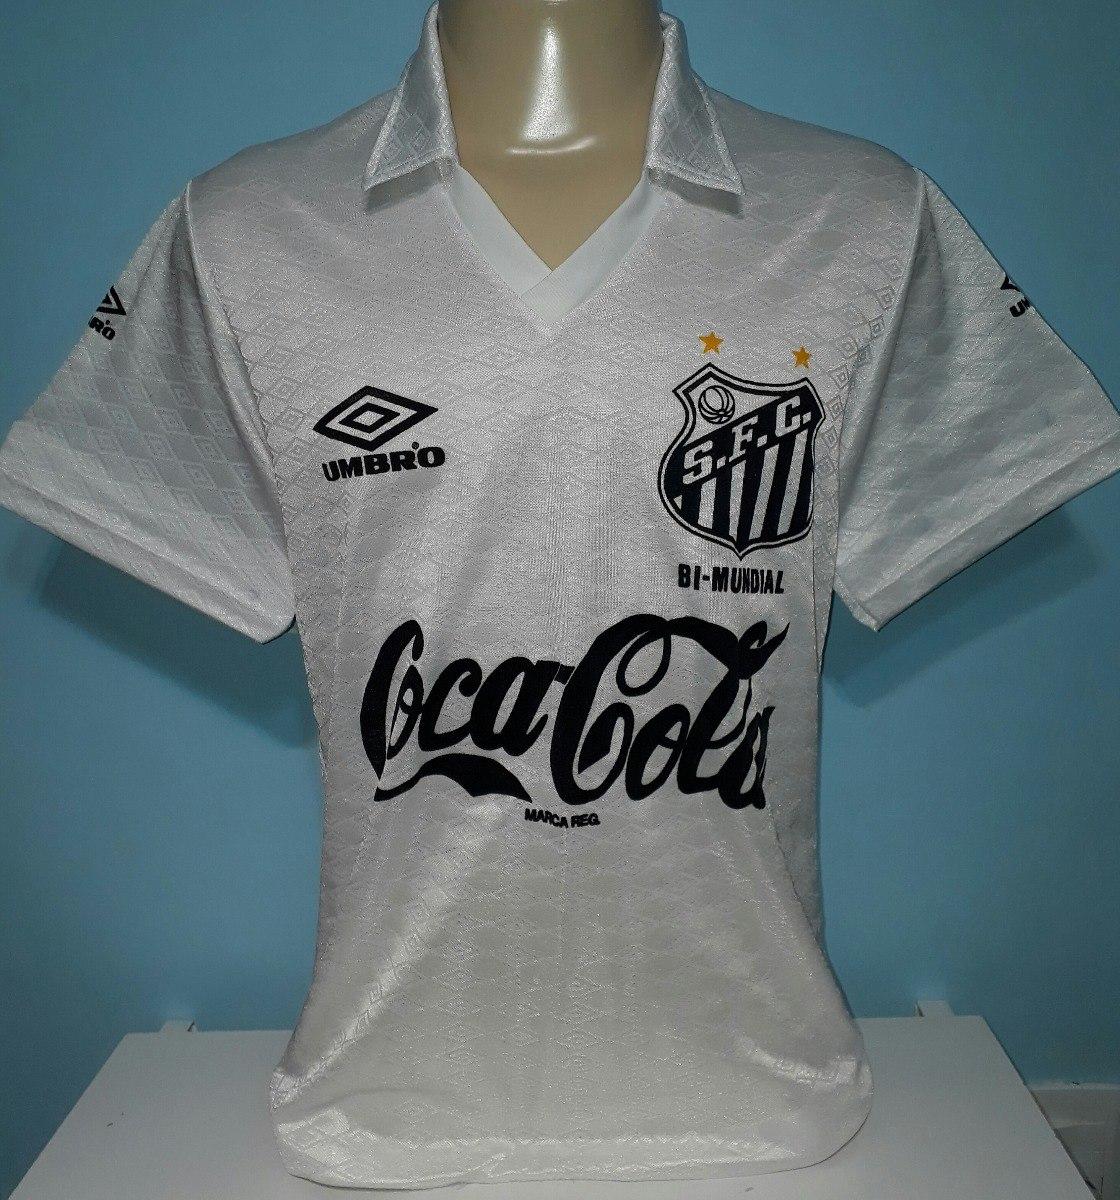 1a3c4d459ca6c camiseta santos antiga 1990 coca cola original umbro - 90. Carregando zoom.